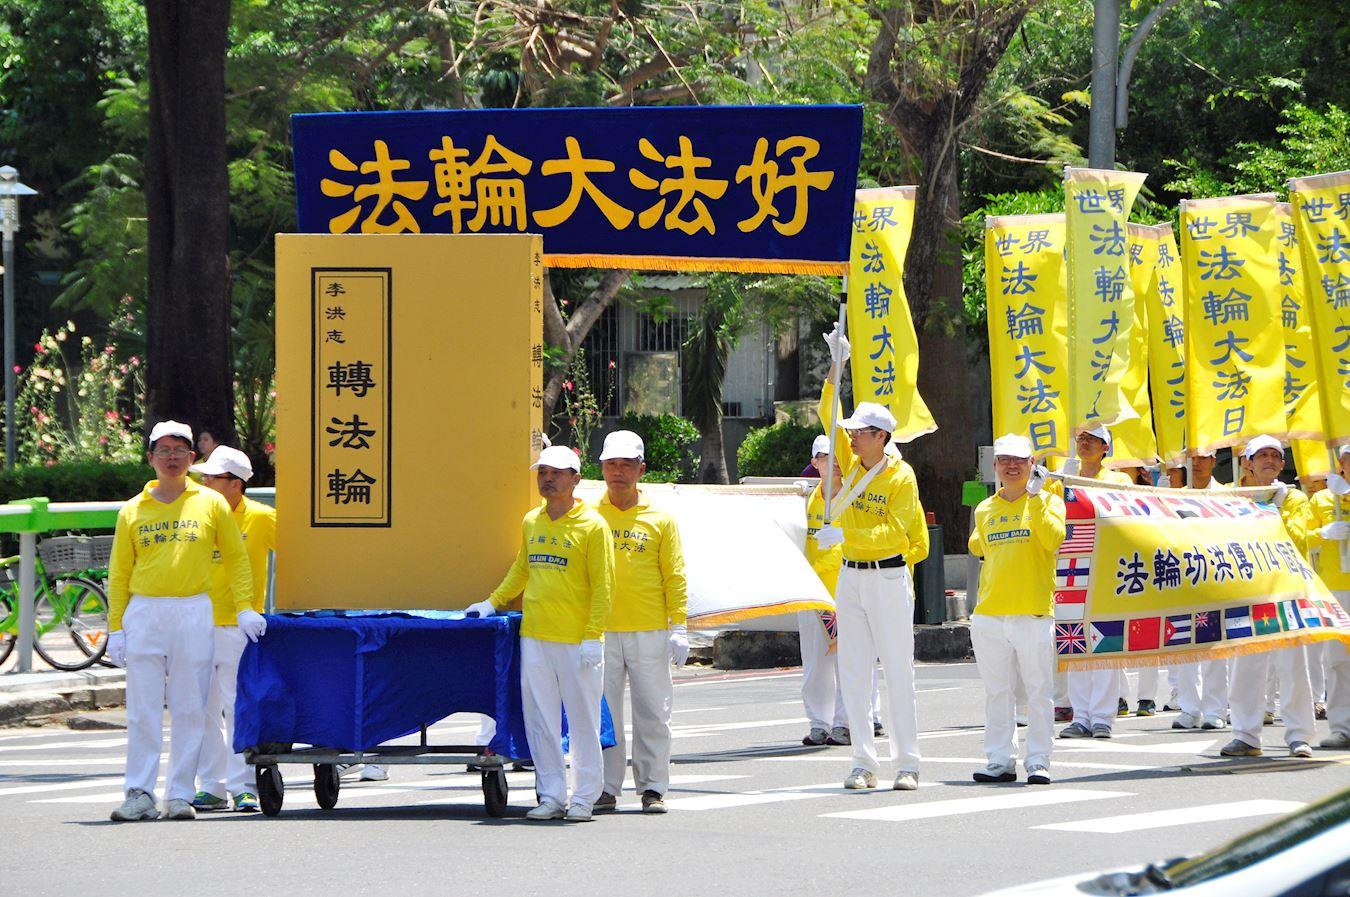 """庆祝""""五一三""""世界法轮大法日,台湾台南部分法轮功学员举办游行活动,把法轮大法的美好带给当地乡亲与游客。(明慧网)"""